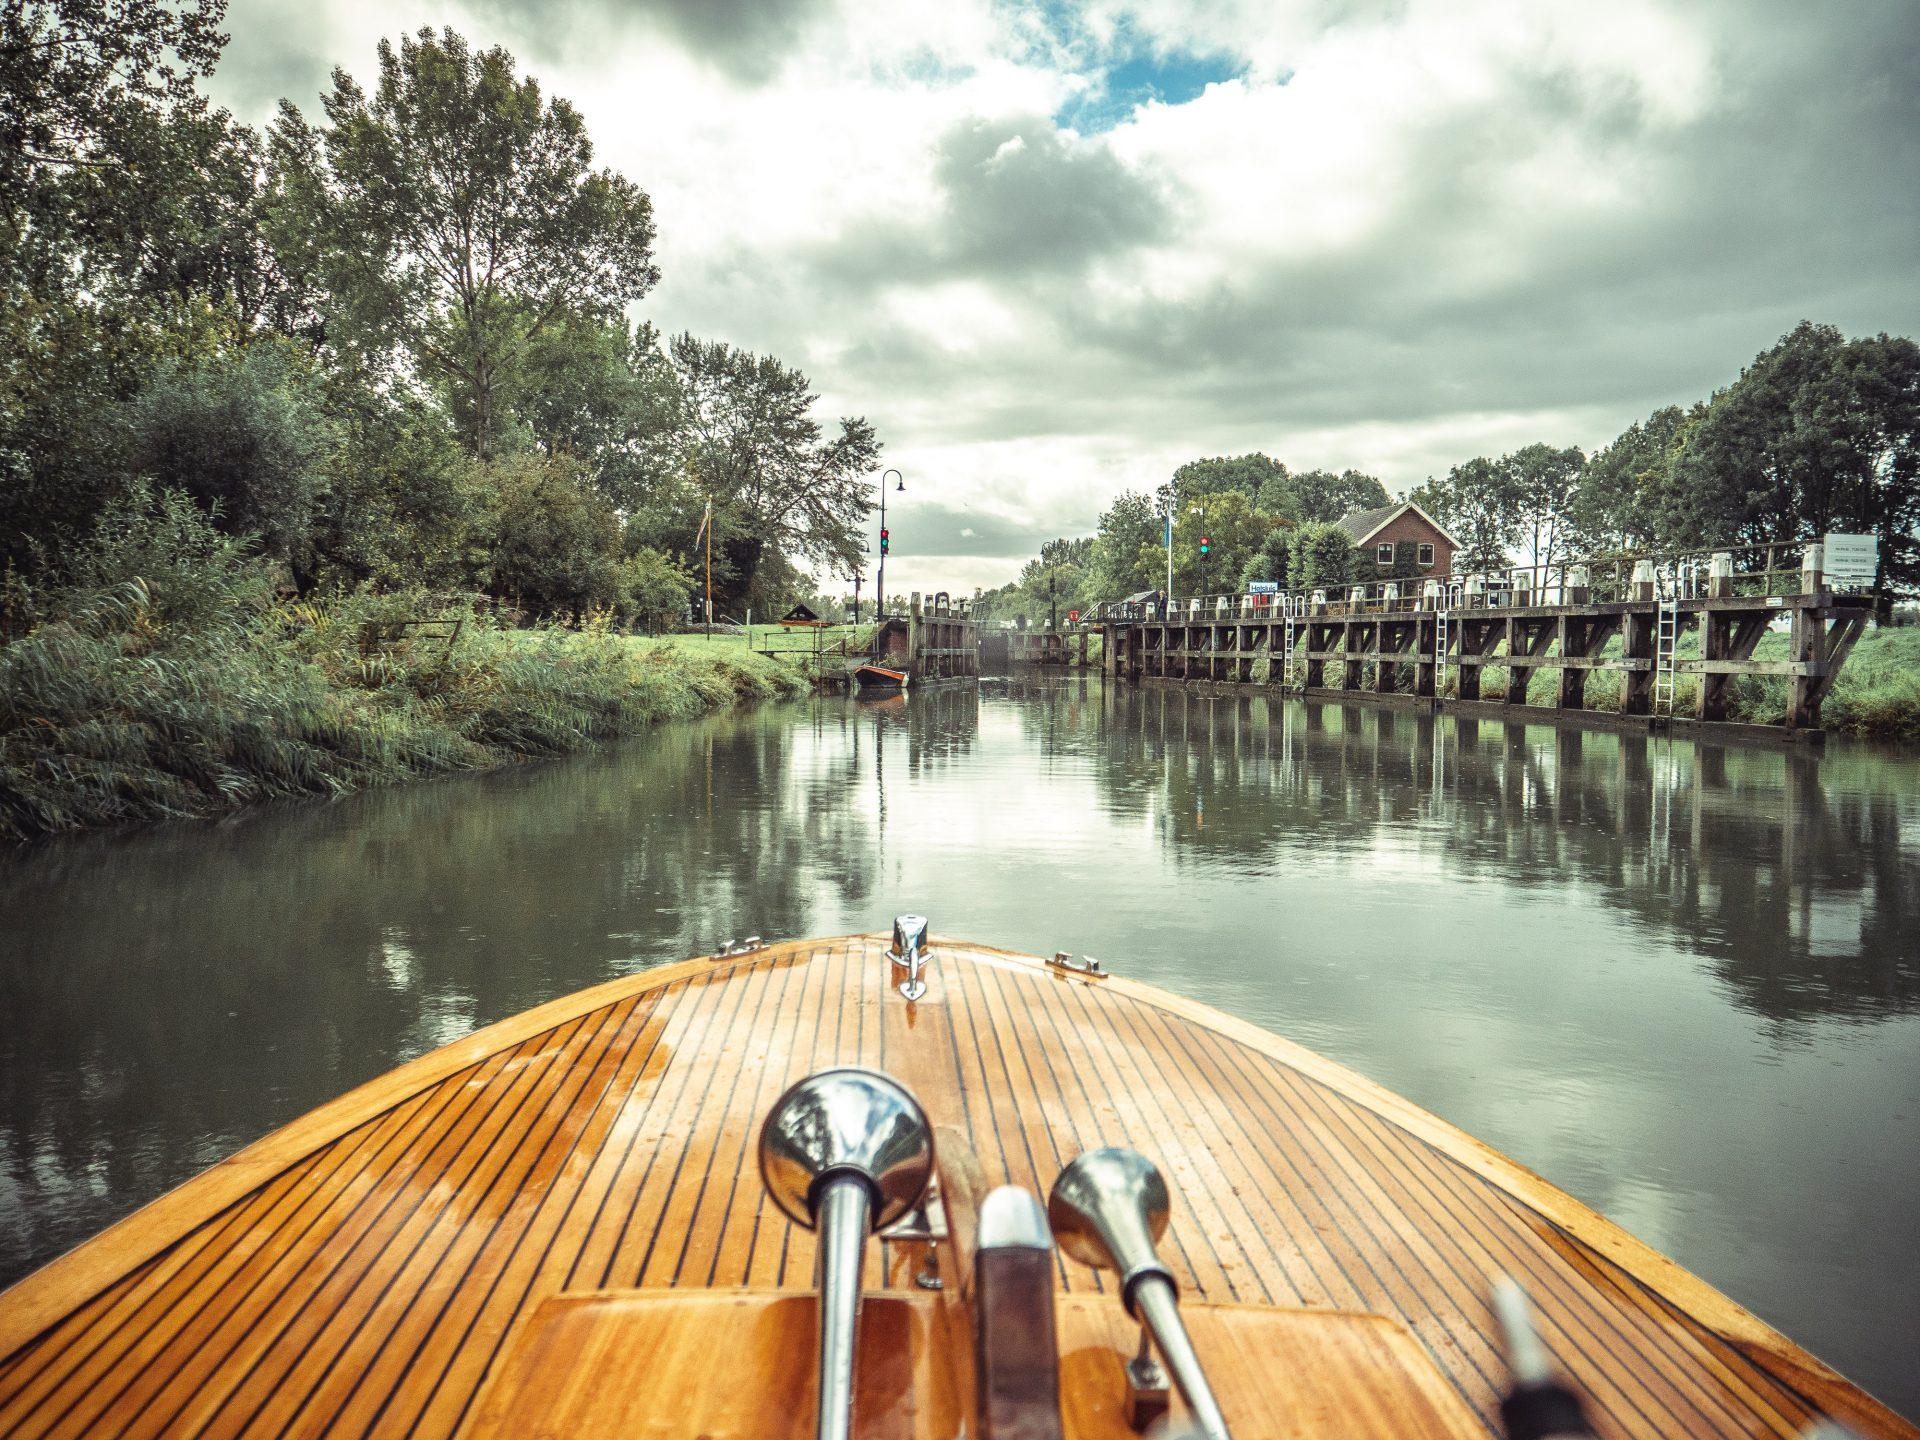 parc national de Biesbosch près de Dordrecht en Hollande